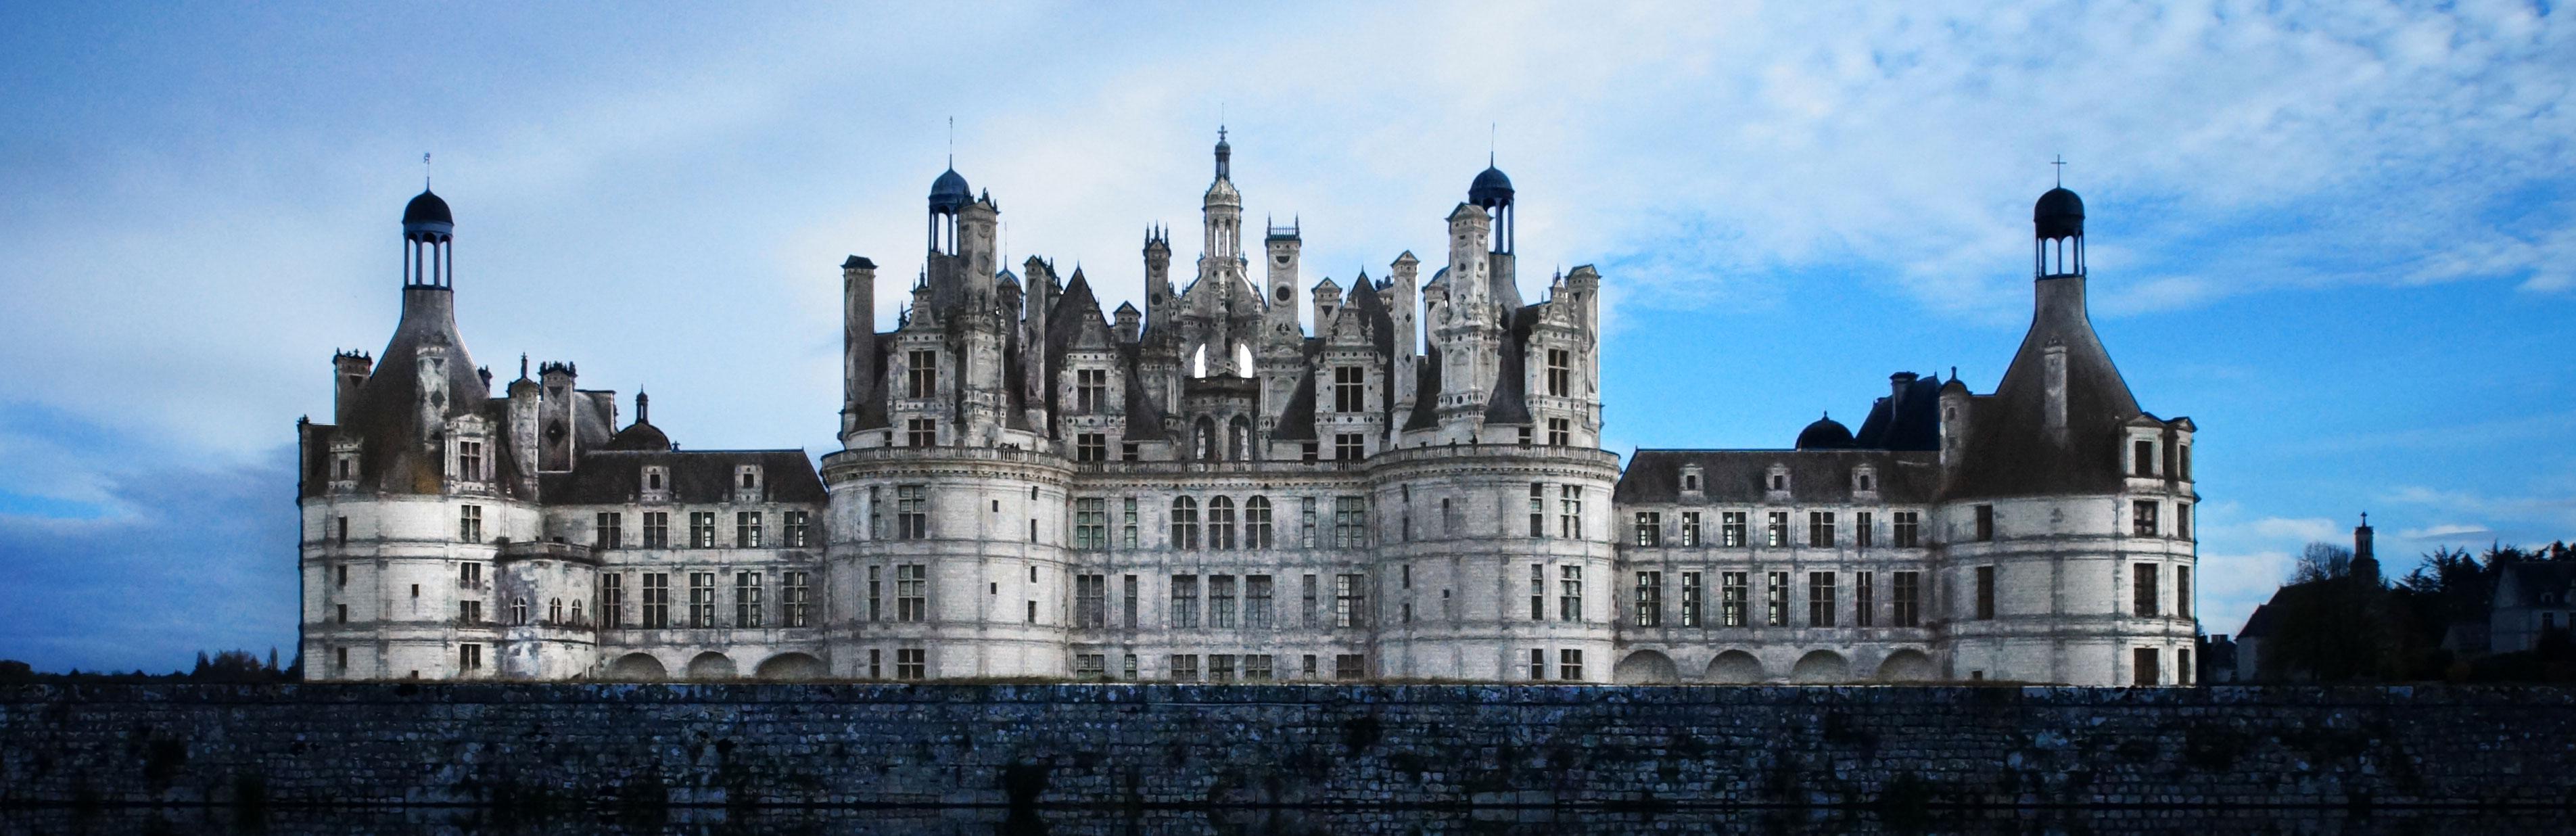 Chateau de ChambordProgramme archéologique / Le projet perdu de 1519